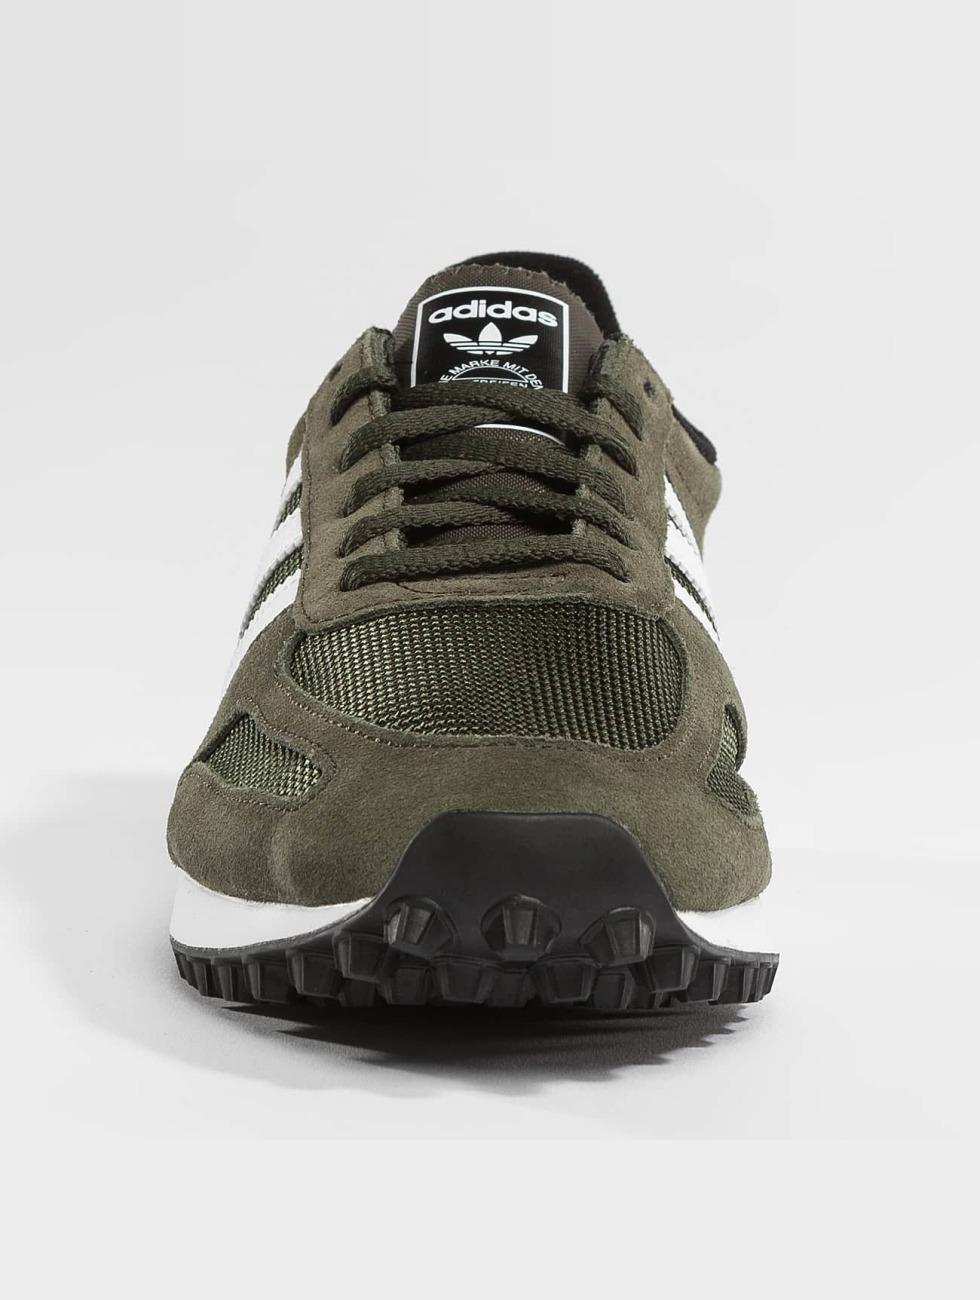 Verkoop Footlocker Met Mastercard Online Te Koop adidas originals schoen / sneaker LA Trainer OG in groen 360135 Speling Speling Outlet Online Bestellen yd6ERzK5J7